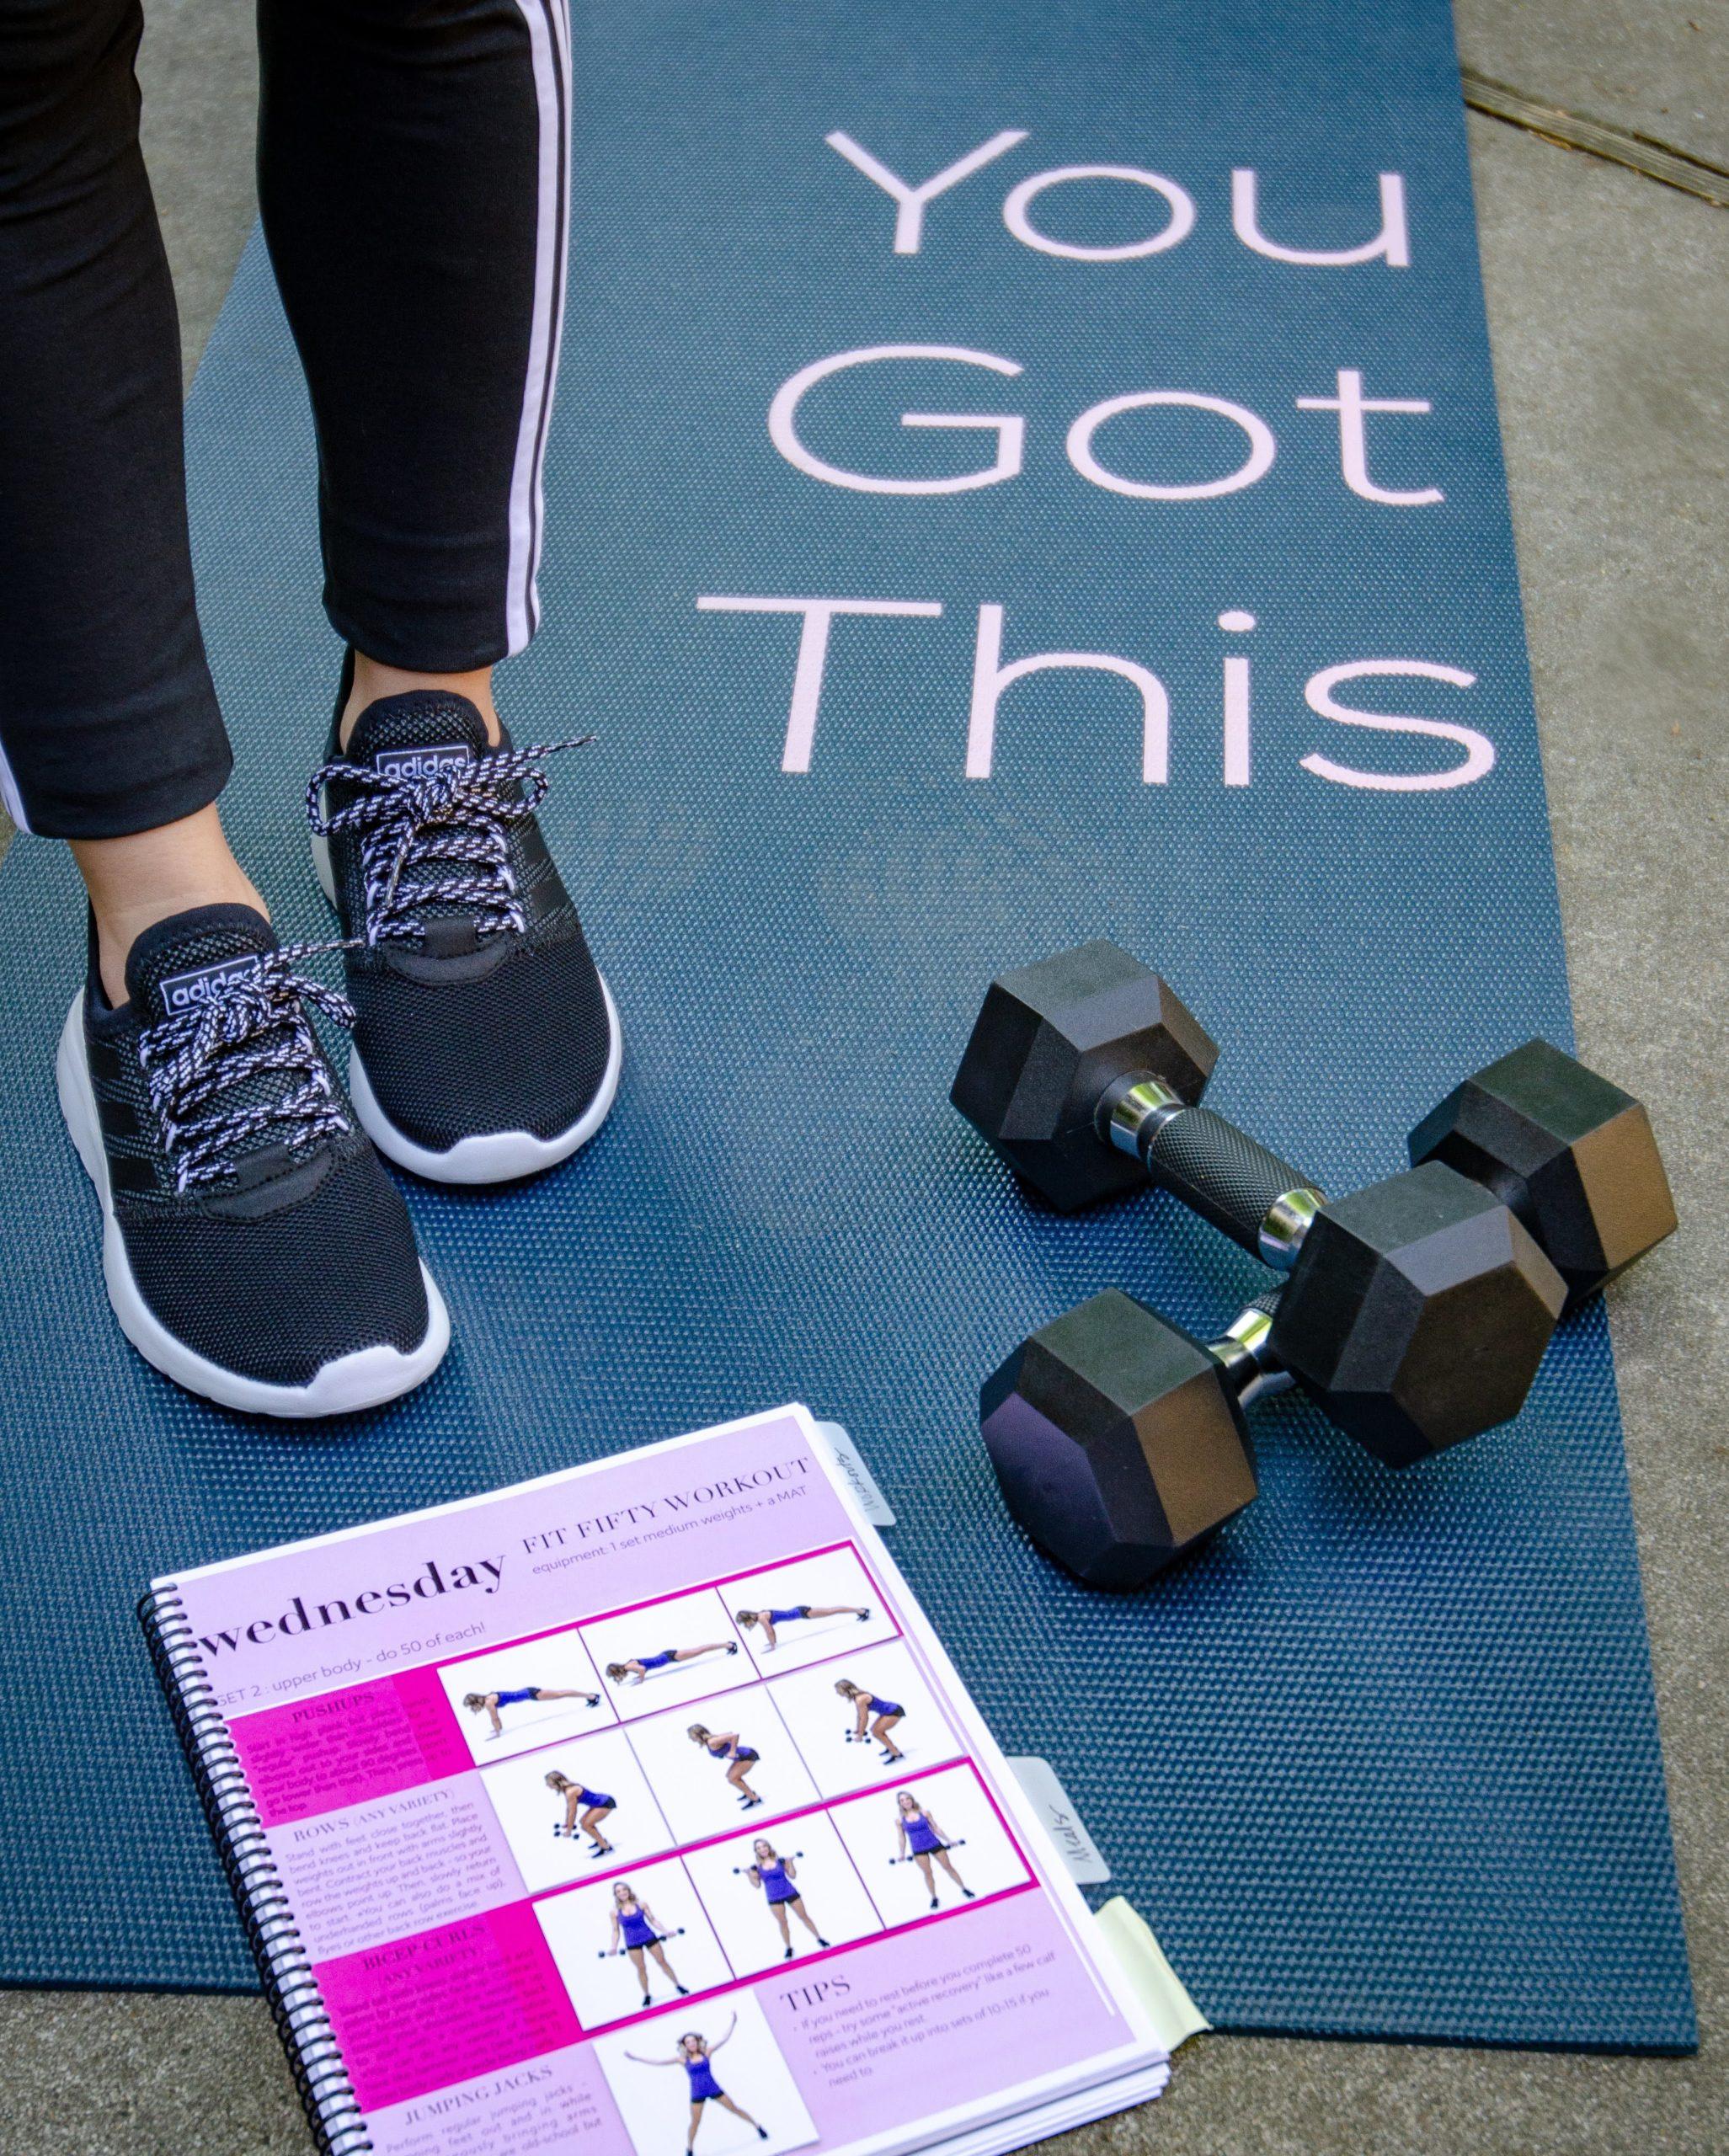 Adidas Sneakers, Yoga Mat, Dumbells, Get Fit Done Guide